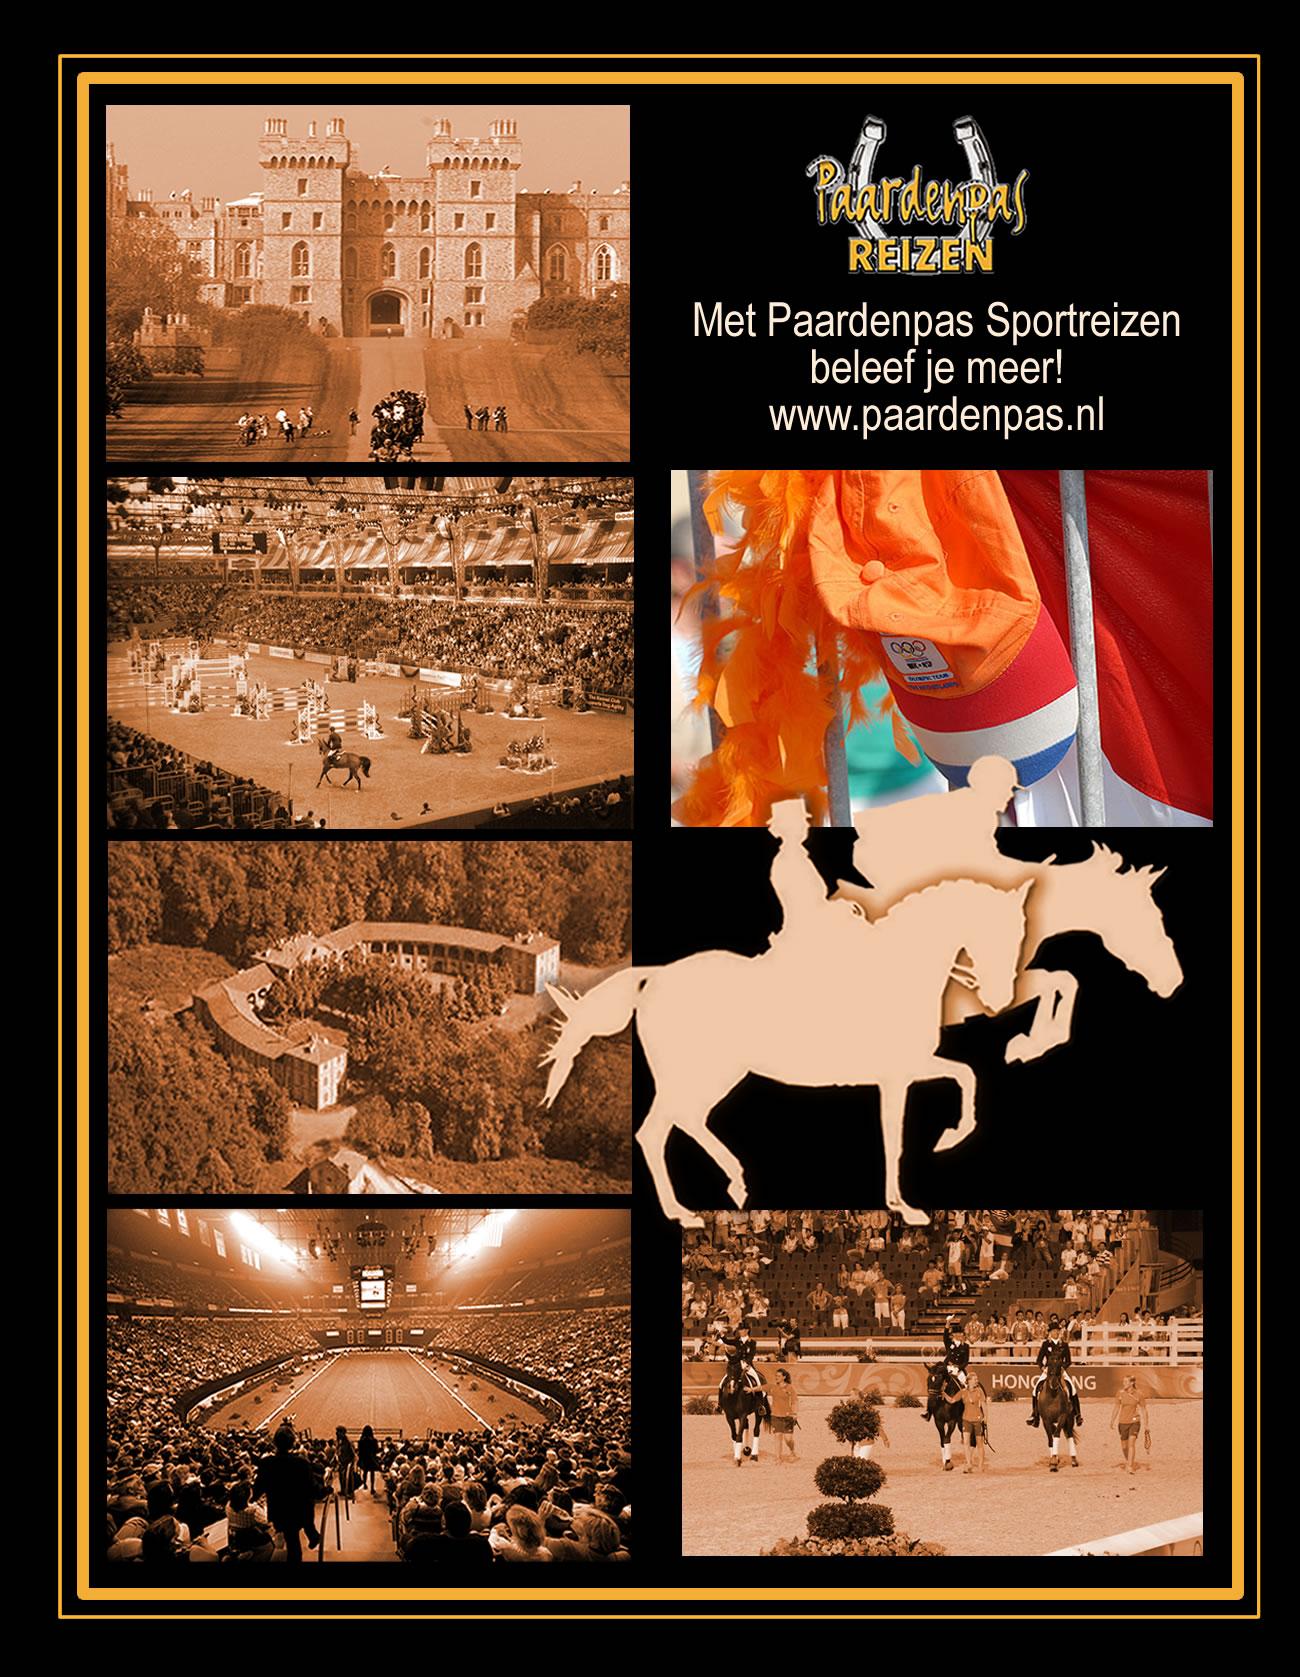 Paardensportreizen